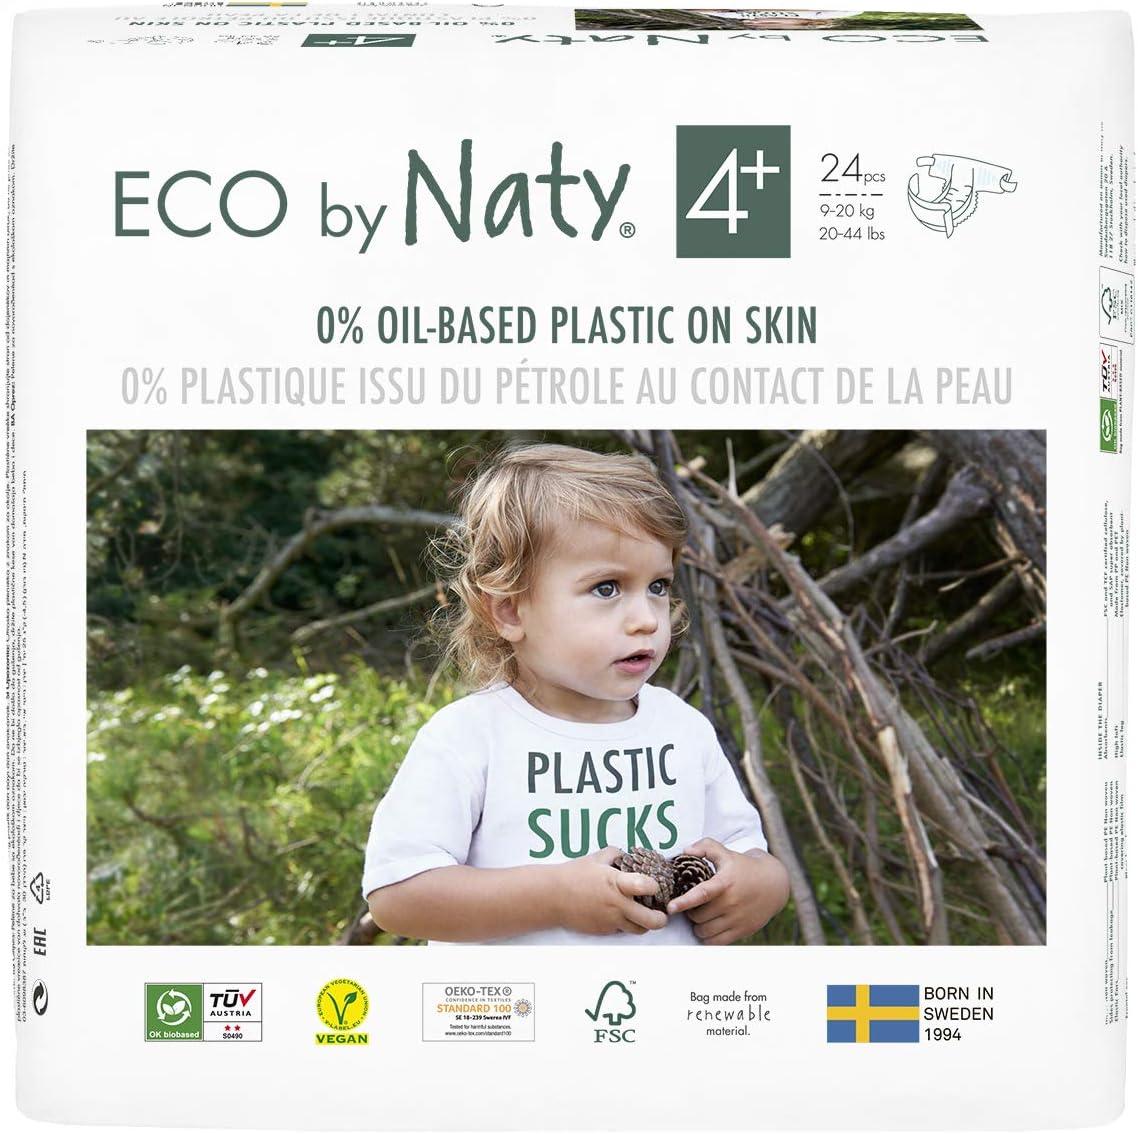 Eco by Naty Pañales, Talla/Tamaño 4+,144 unidades, 9-20 kg, suministro para UN MES, Pañal ecológico Premium a base de fibras vegetales.0% plásticos derivados del petróleo en contacto con la piel